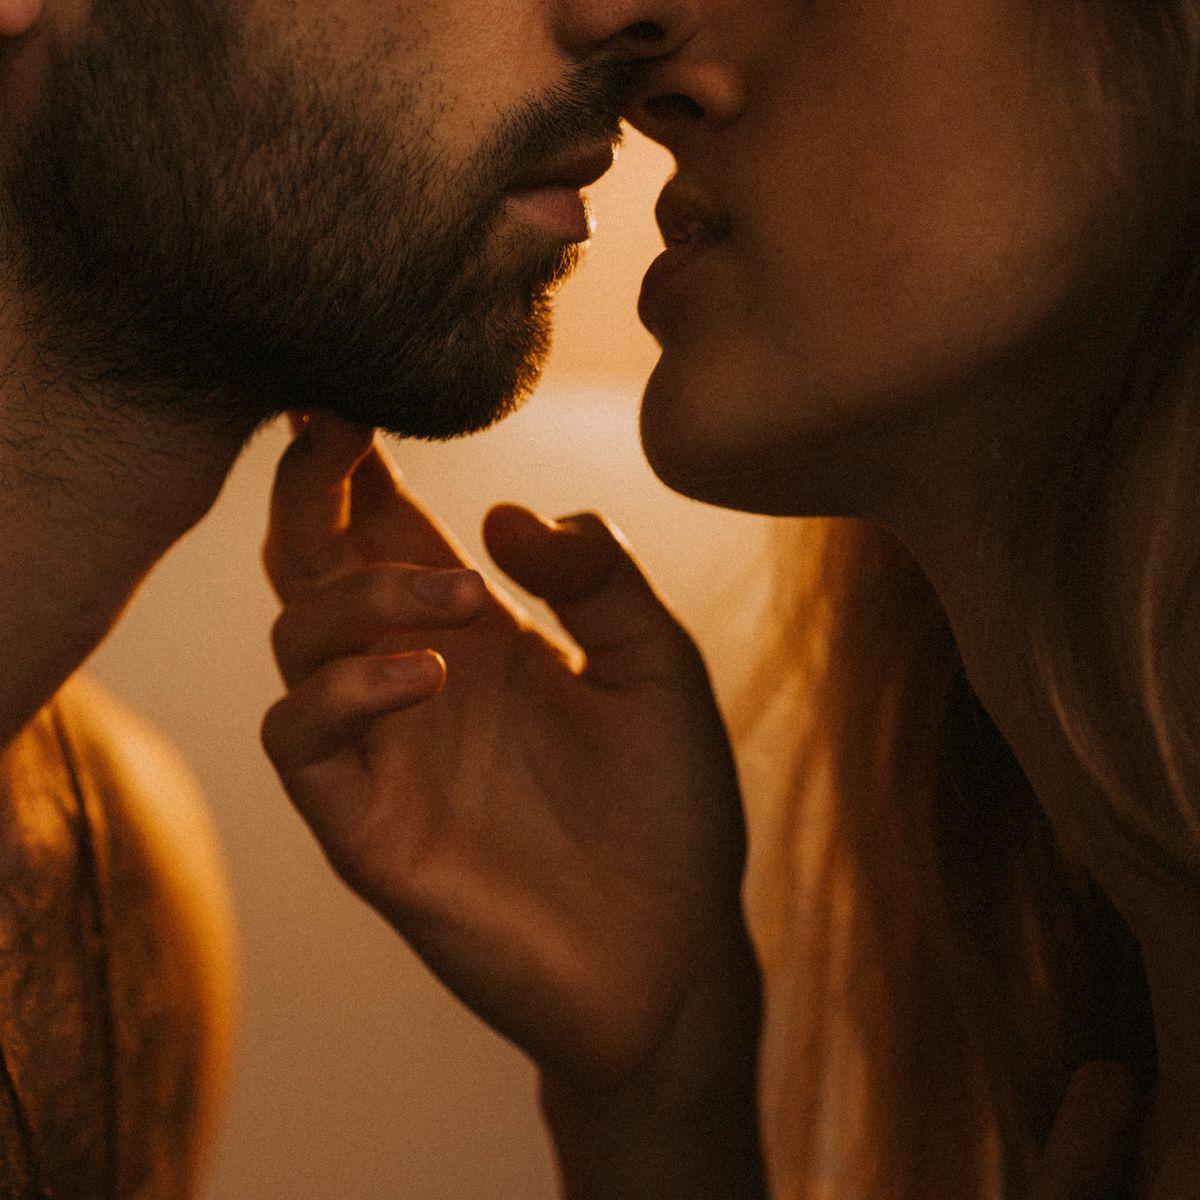 Zu moglichkeiten sex bild haben von um